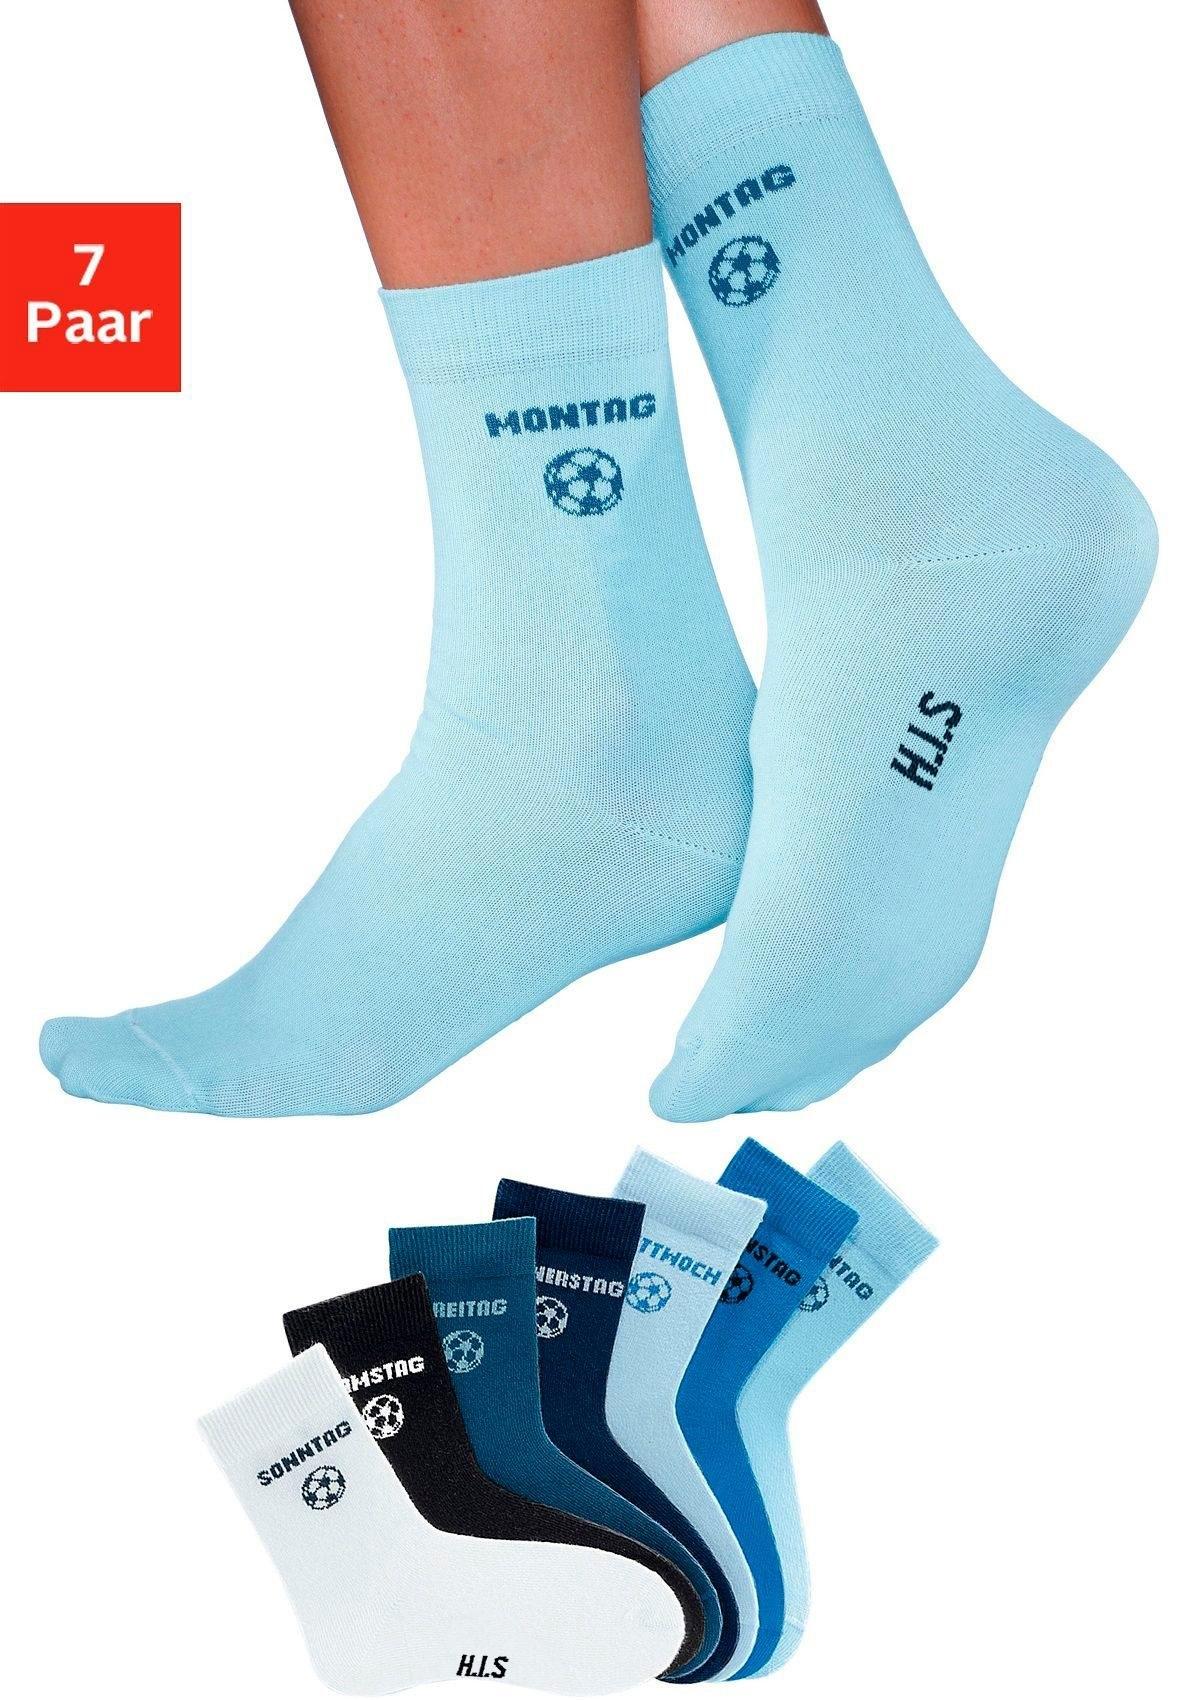 H.I.S kindersokken voor elke dag van de week (7 paar) met voetbalmotief veilig op otto.nl kopen